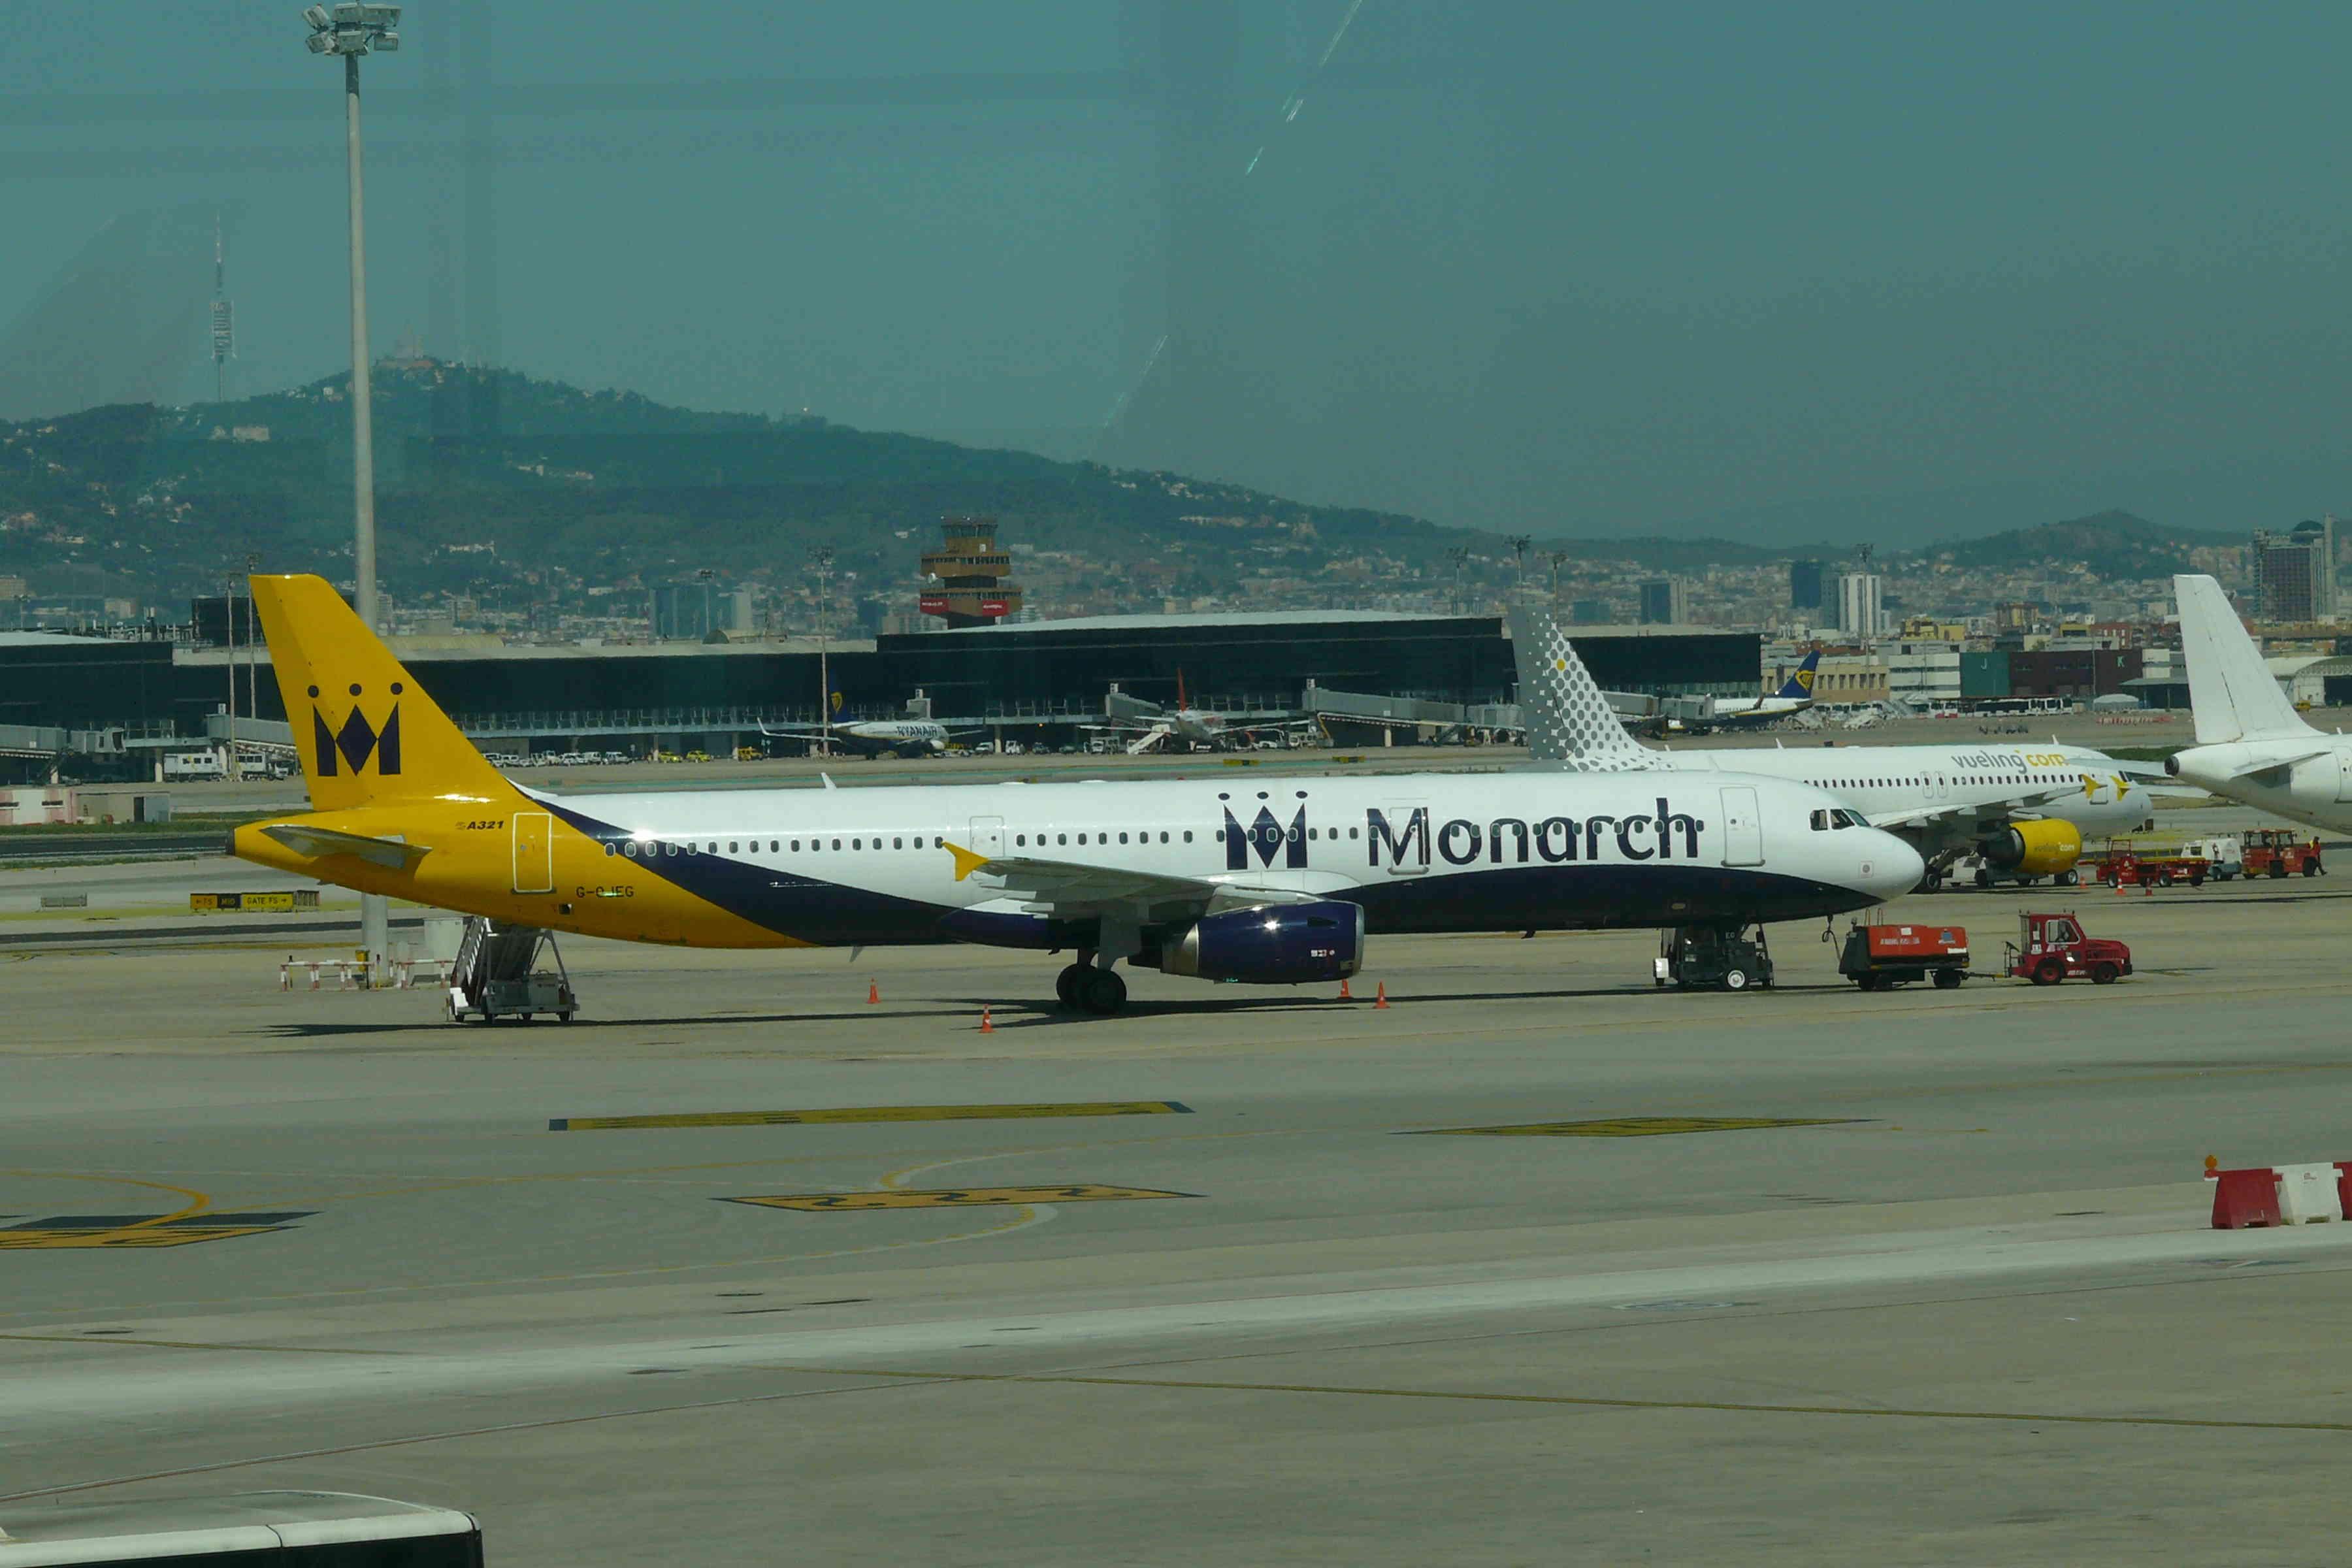 El Prat - Aeropuerto de Barcelona P1170319